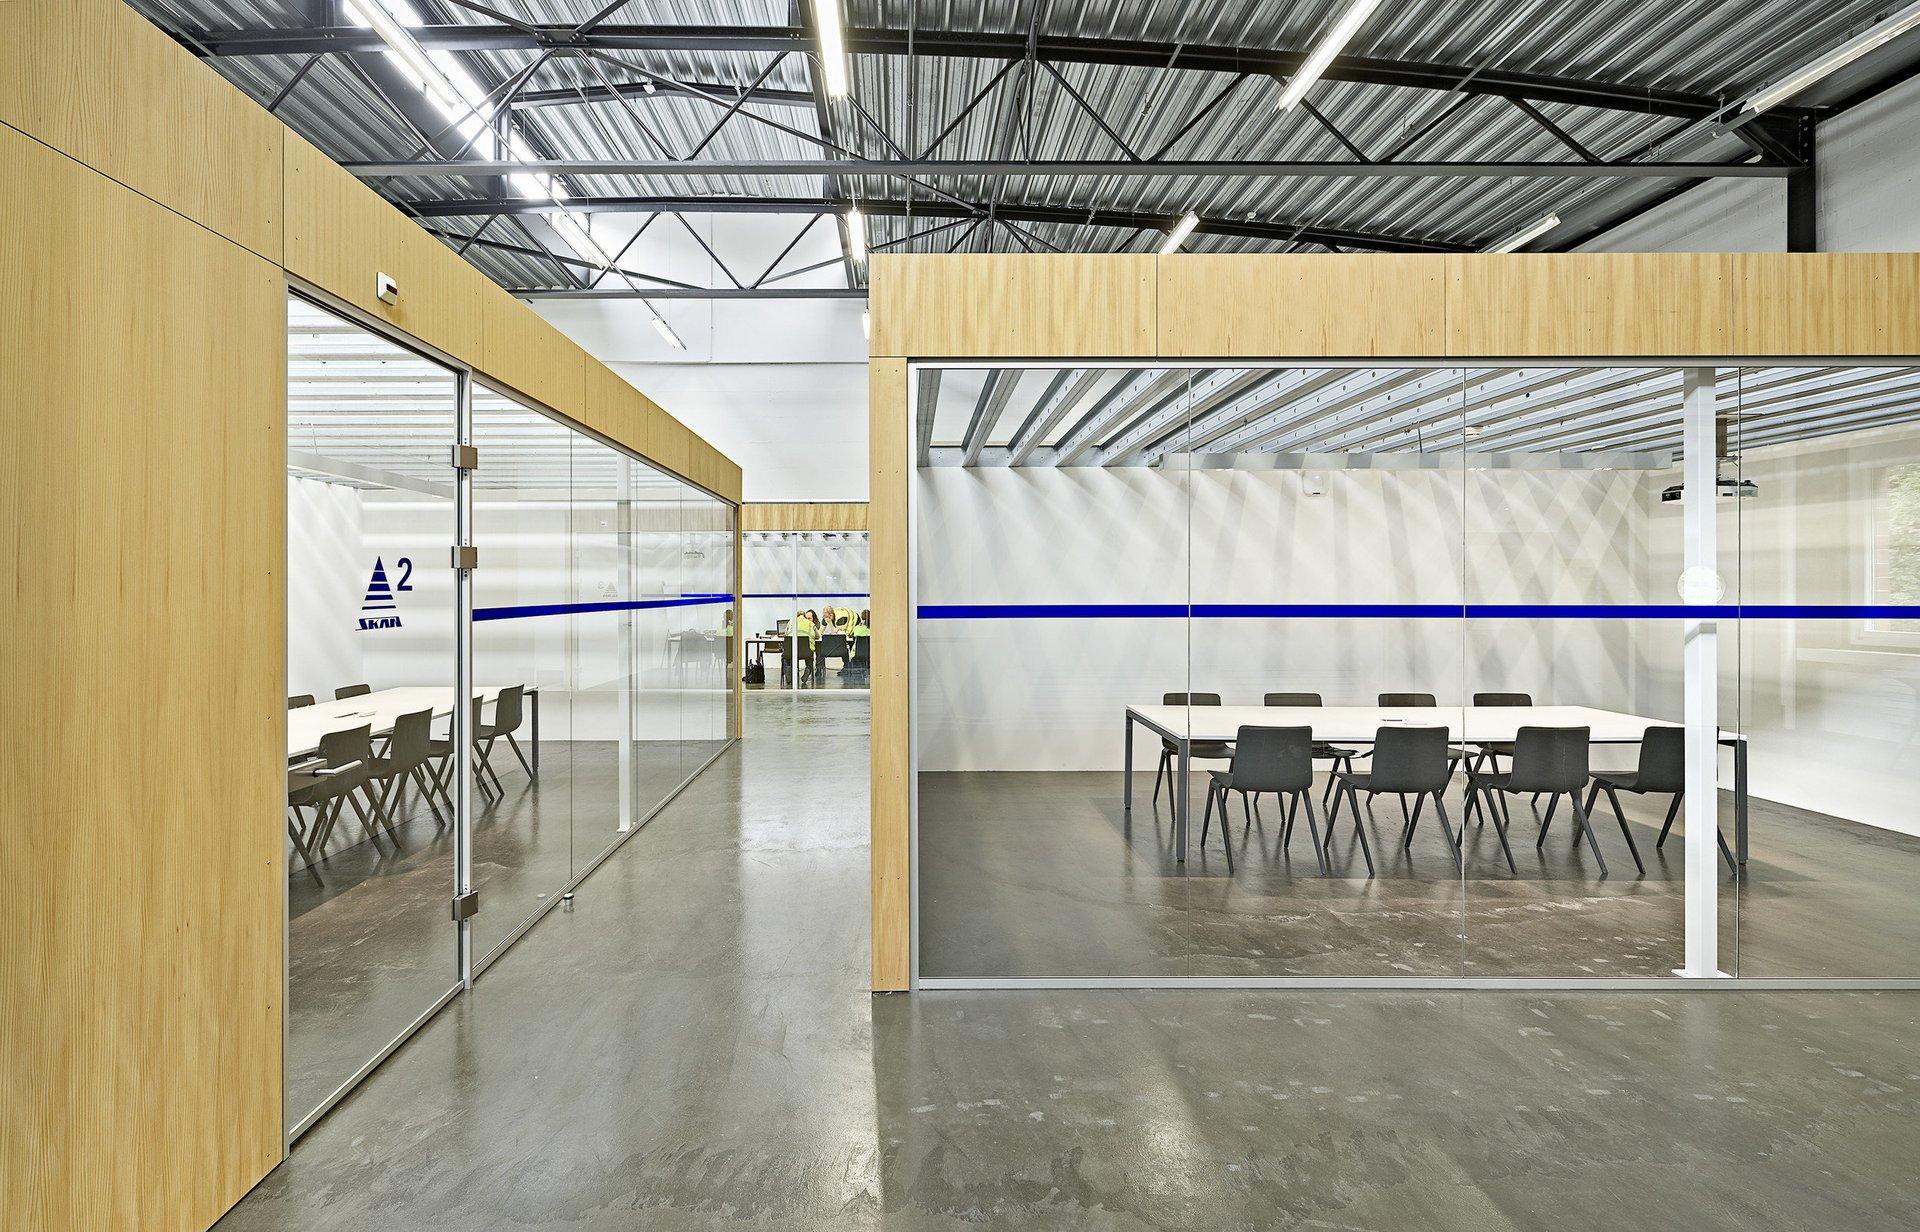 2 Indoor-Räume in Halle mit raumhohen Fensterelementen